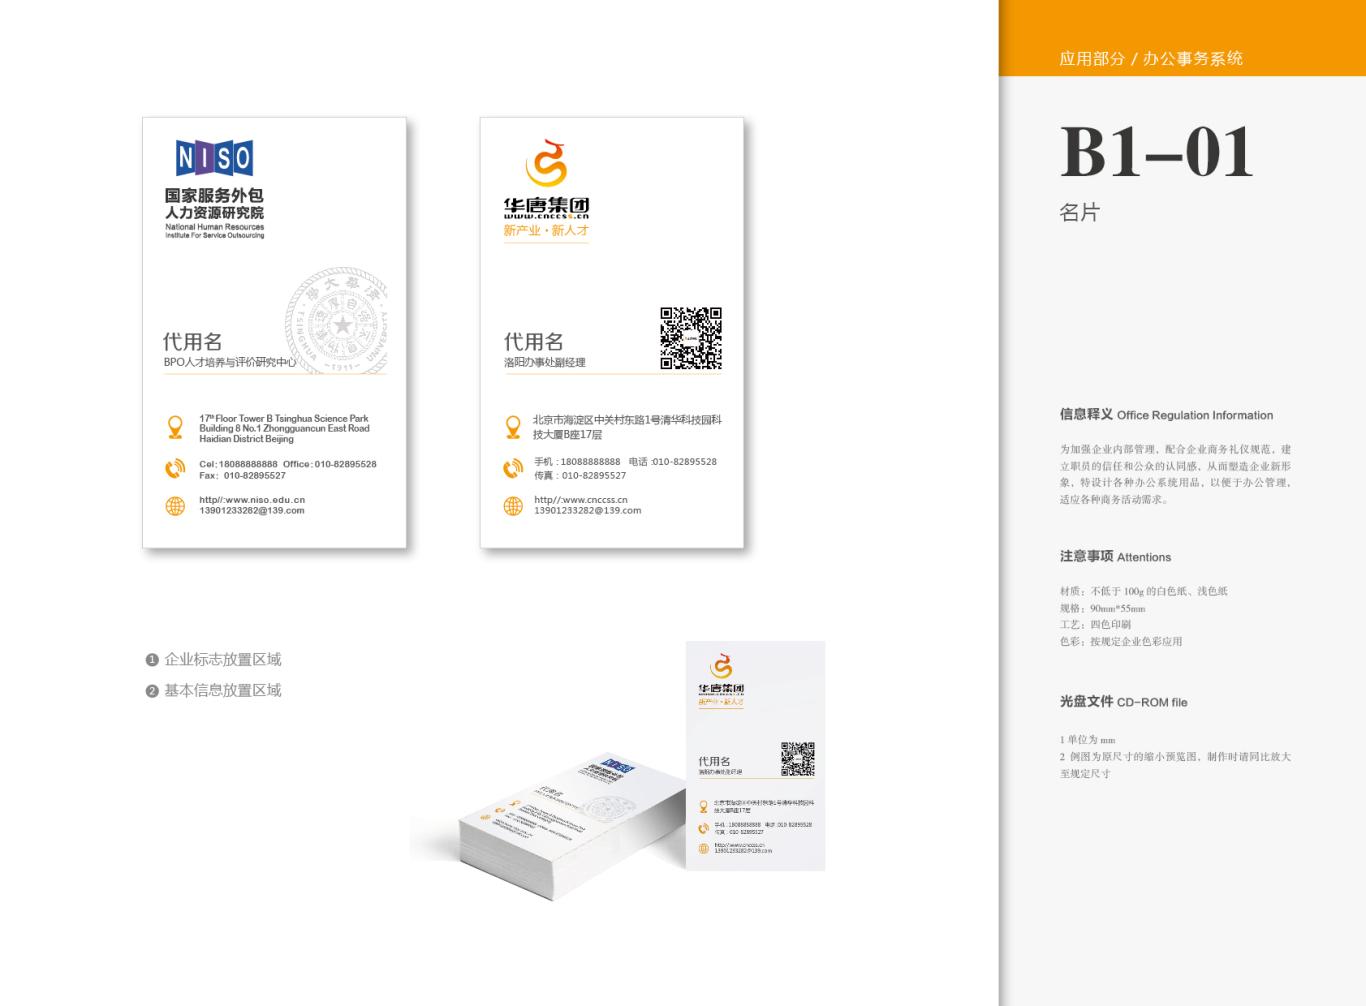 华唐教育集团 VI图35